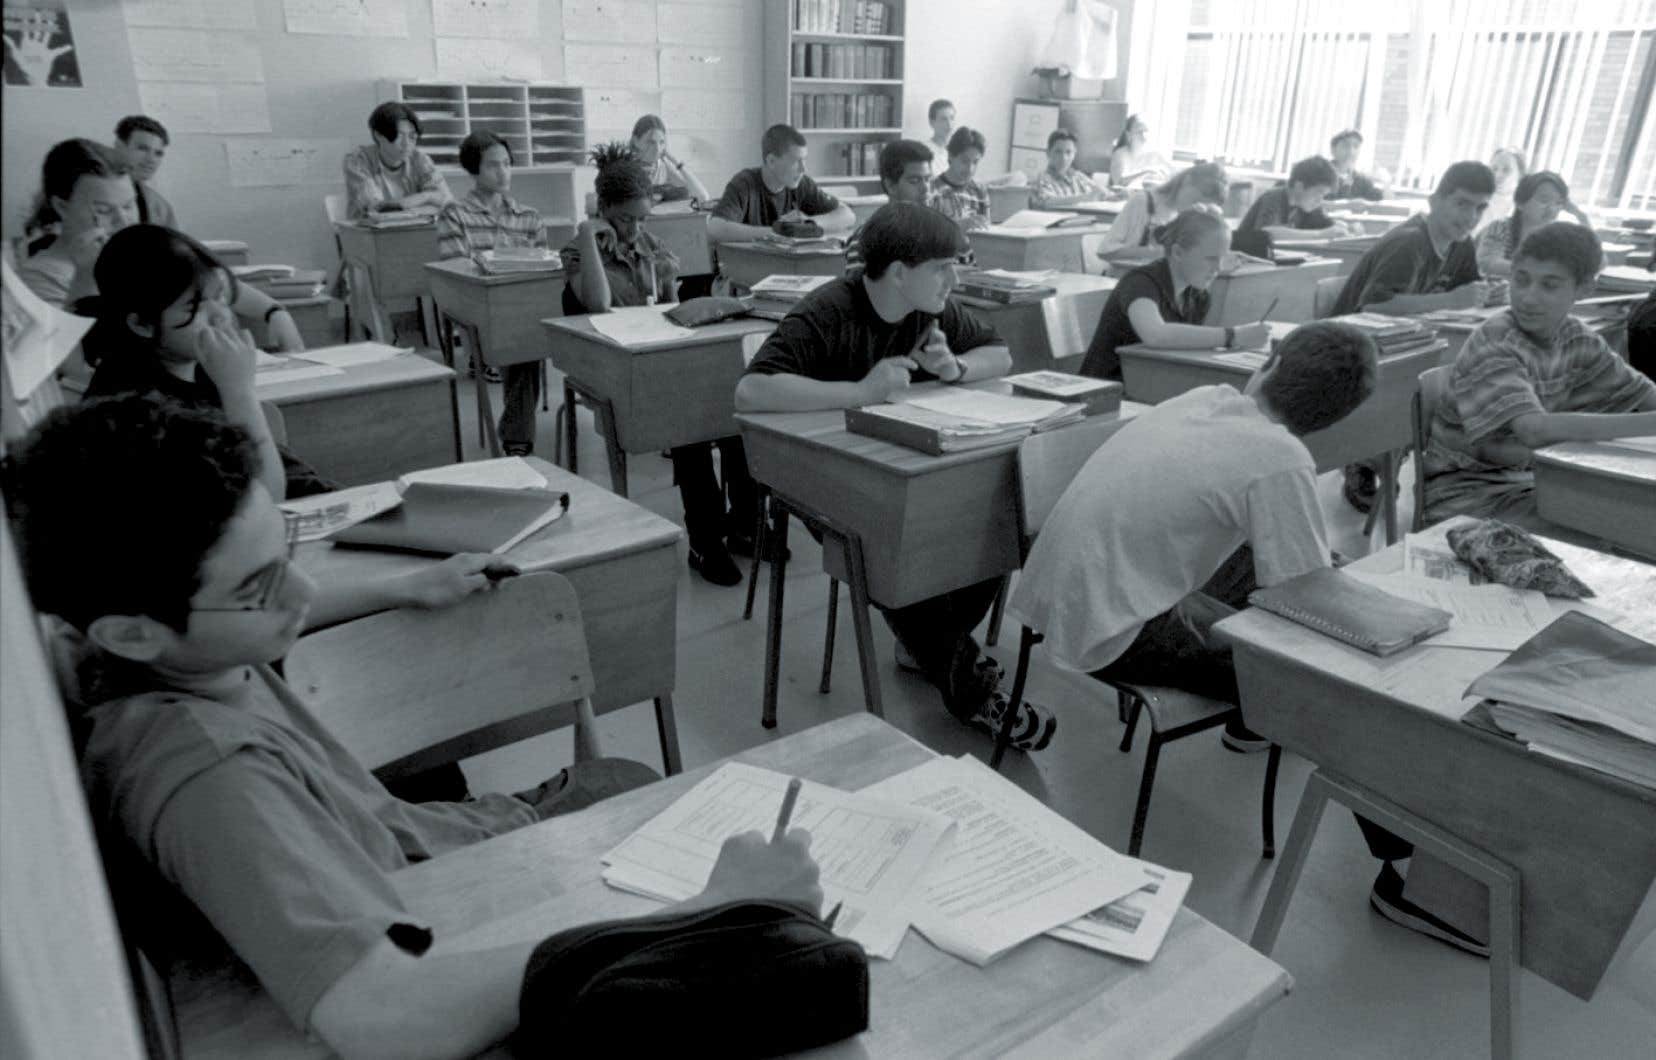 Les écoles publiques du Québec sont devenues laïques tout en demeurant officiellement confessionnelles jusqu'en 1998, rappelle l'auteur.